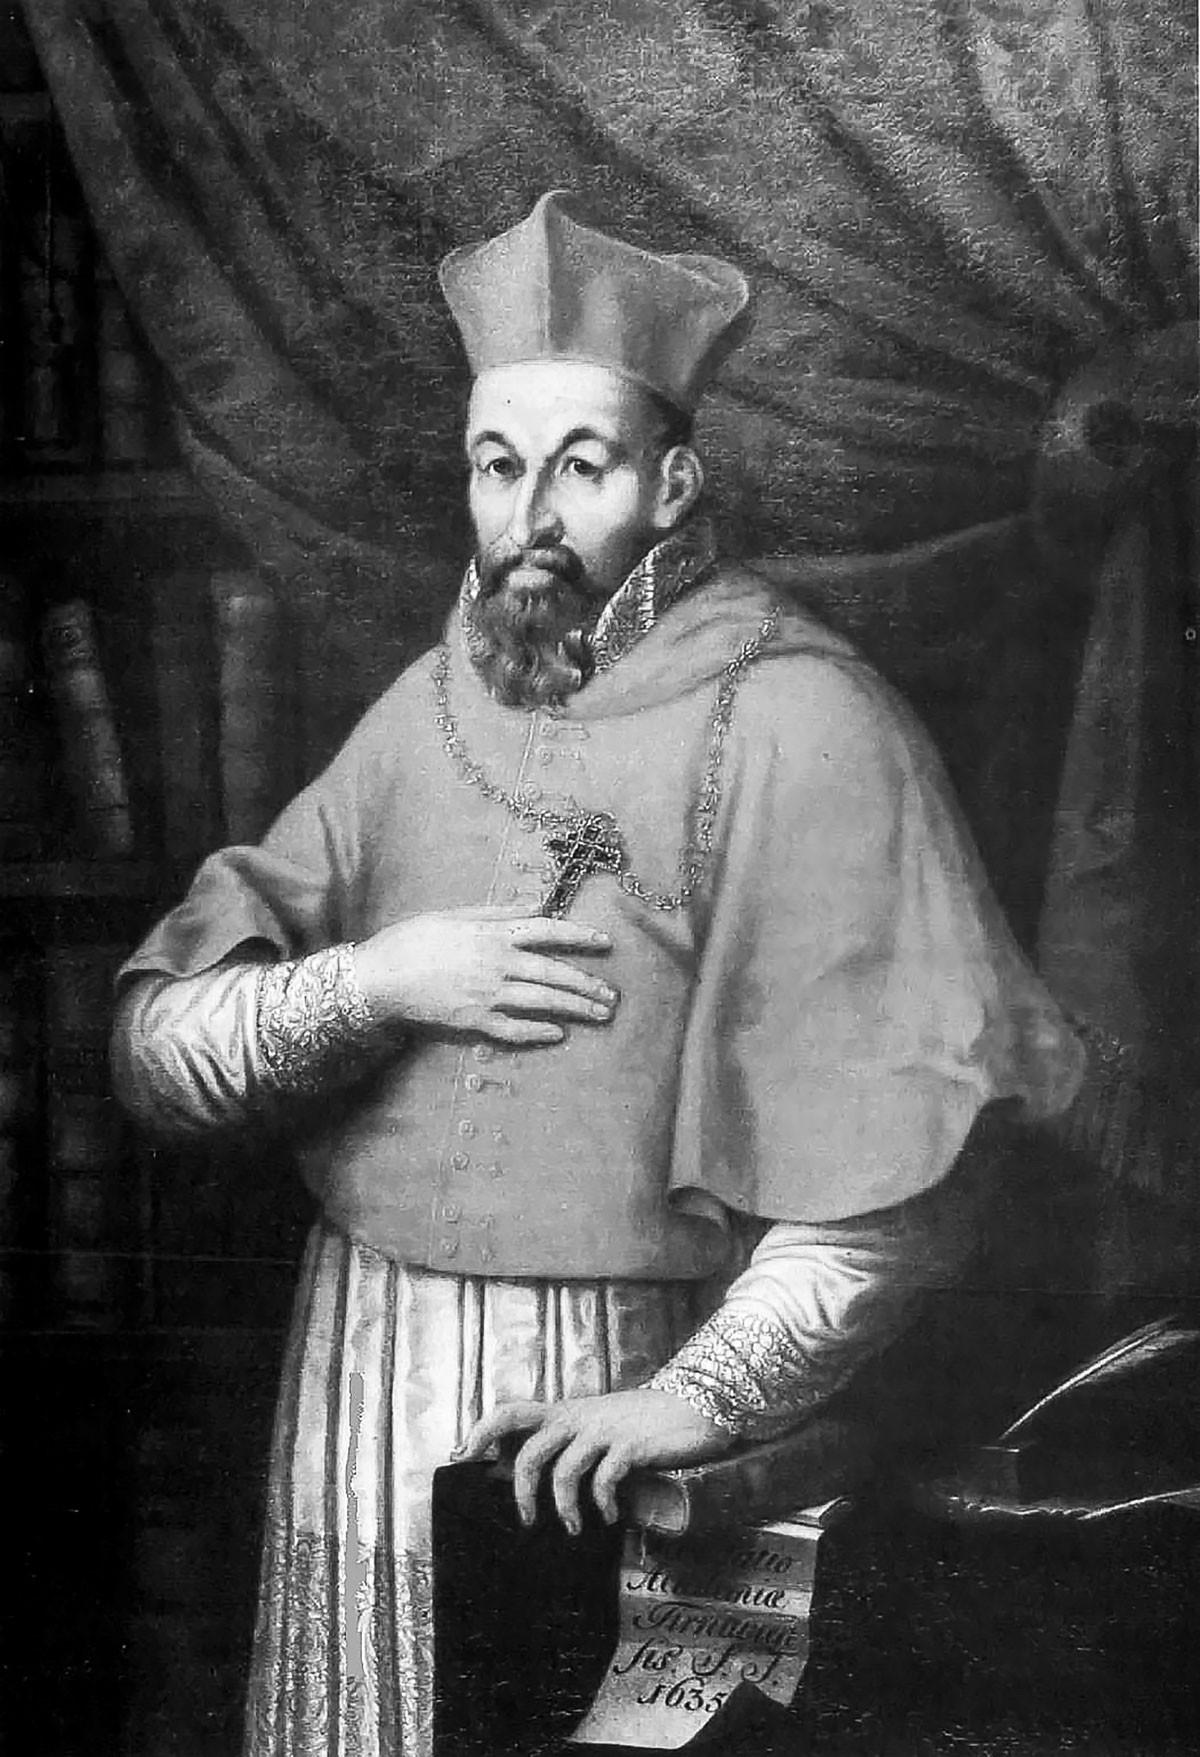 Pázmány Péter élete végéig kereste mindazok szövetségét, akik hajlandók voltak a katolikus hit, a rendi szabadság és a töröktől megszabadított Magyarország ügyét előremozdítani